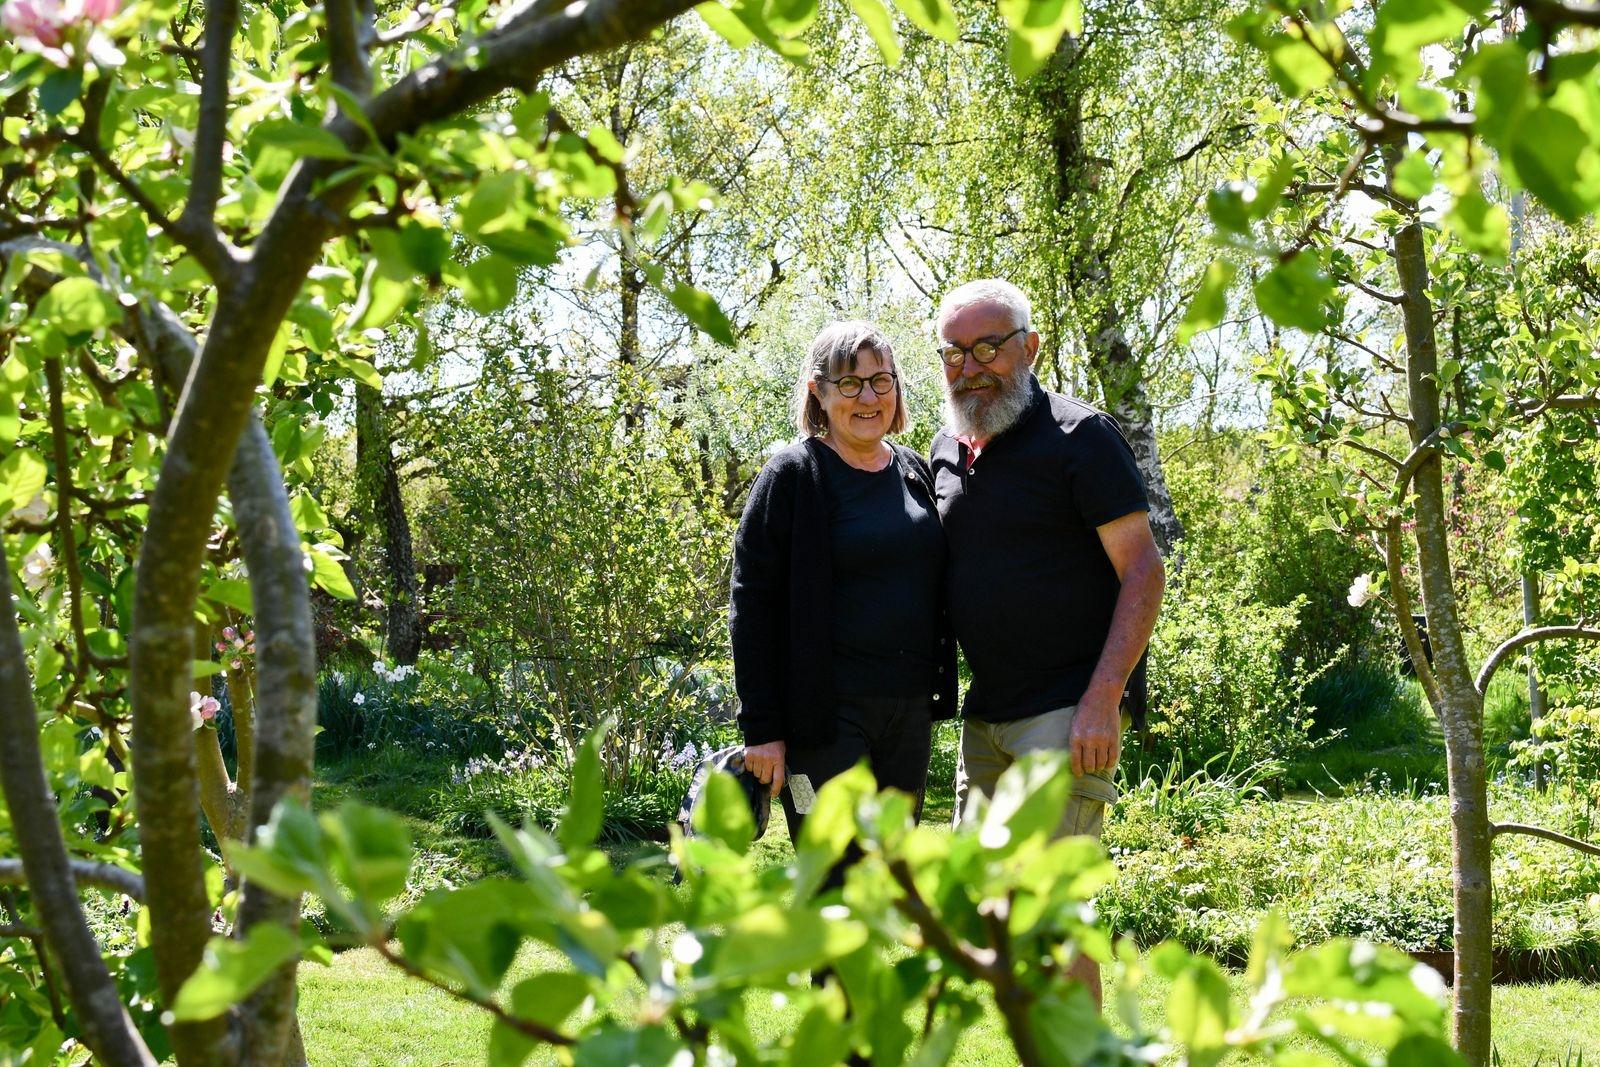 Med stor kunskap och mörkgröna fingrar har Jette och Werner skapat ett trädgårdsparadis för alla sinnen.